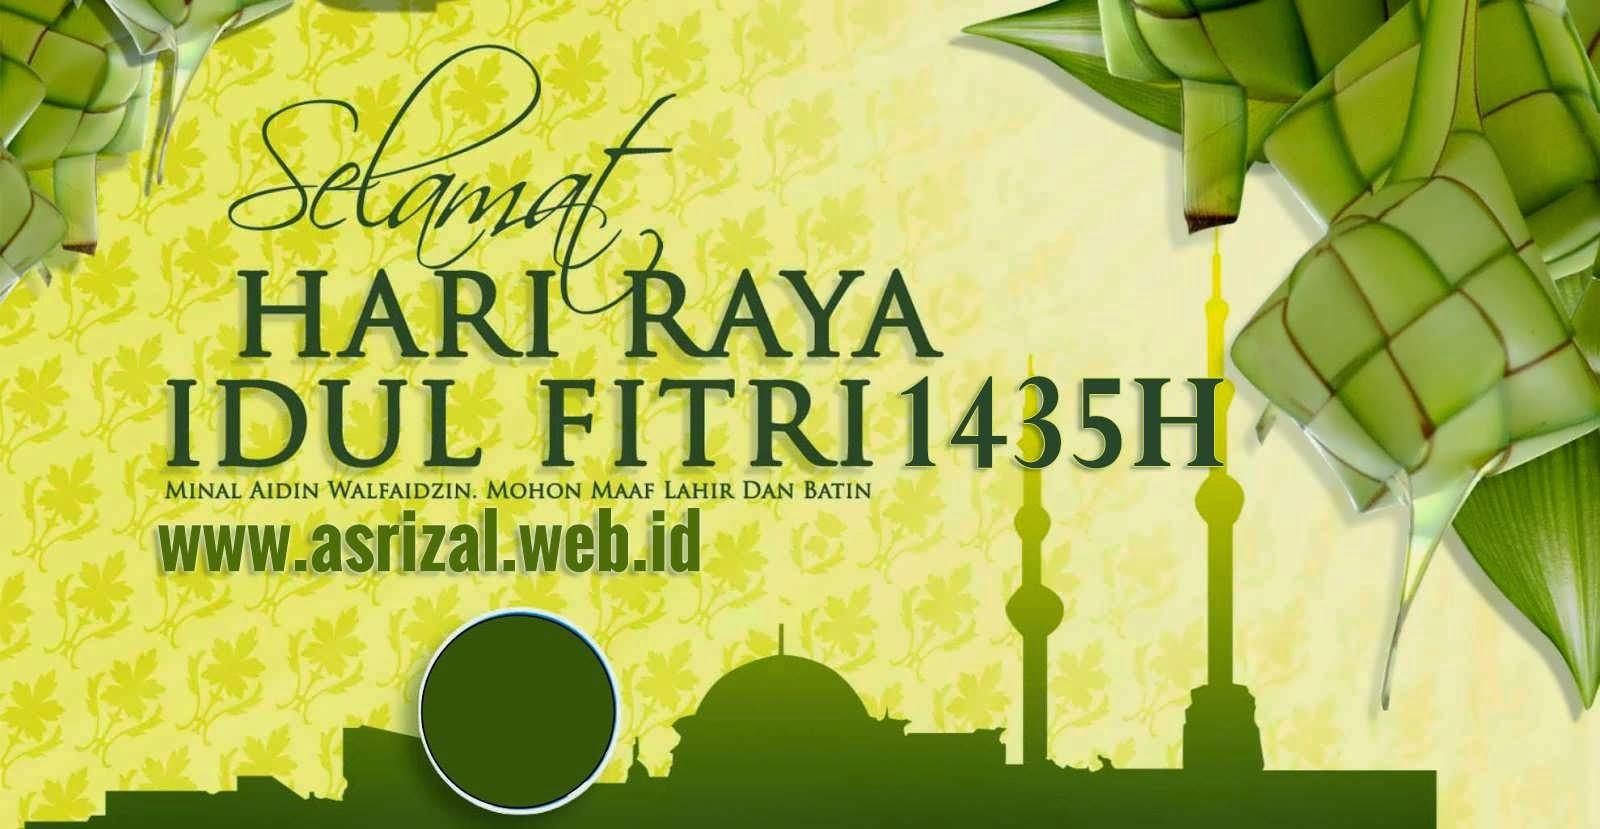 SMS Ucapan Selamat Lebaran Idul Fitri 1435H Terlengkap 2014